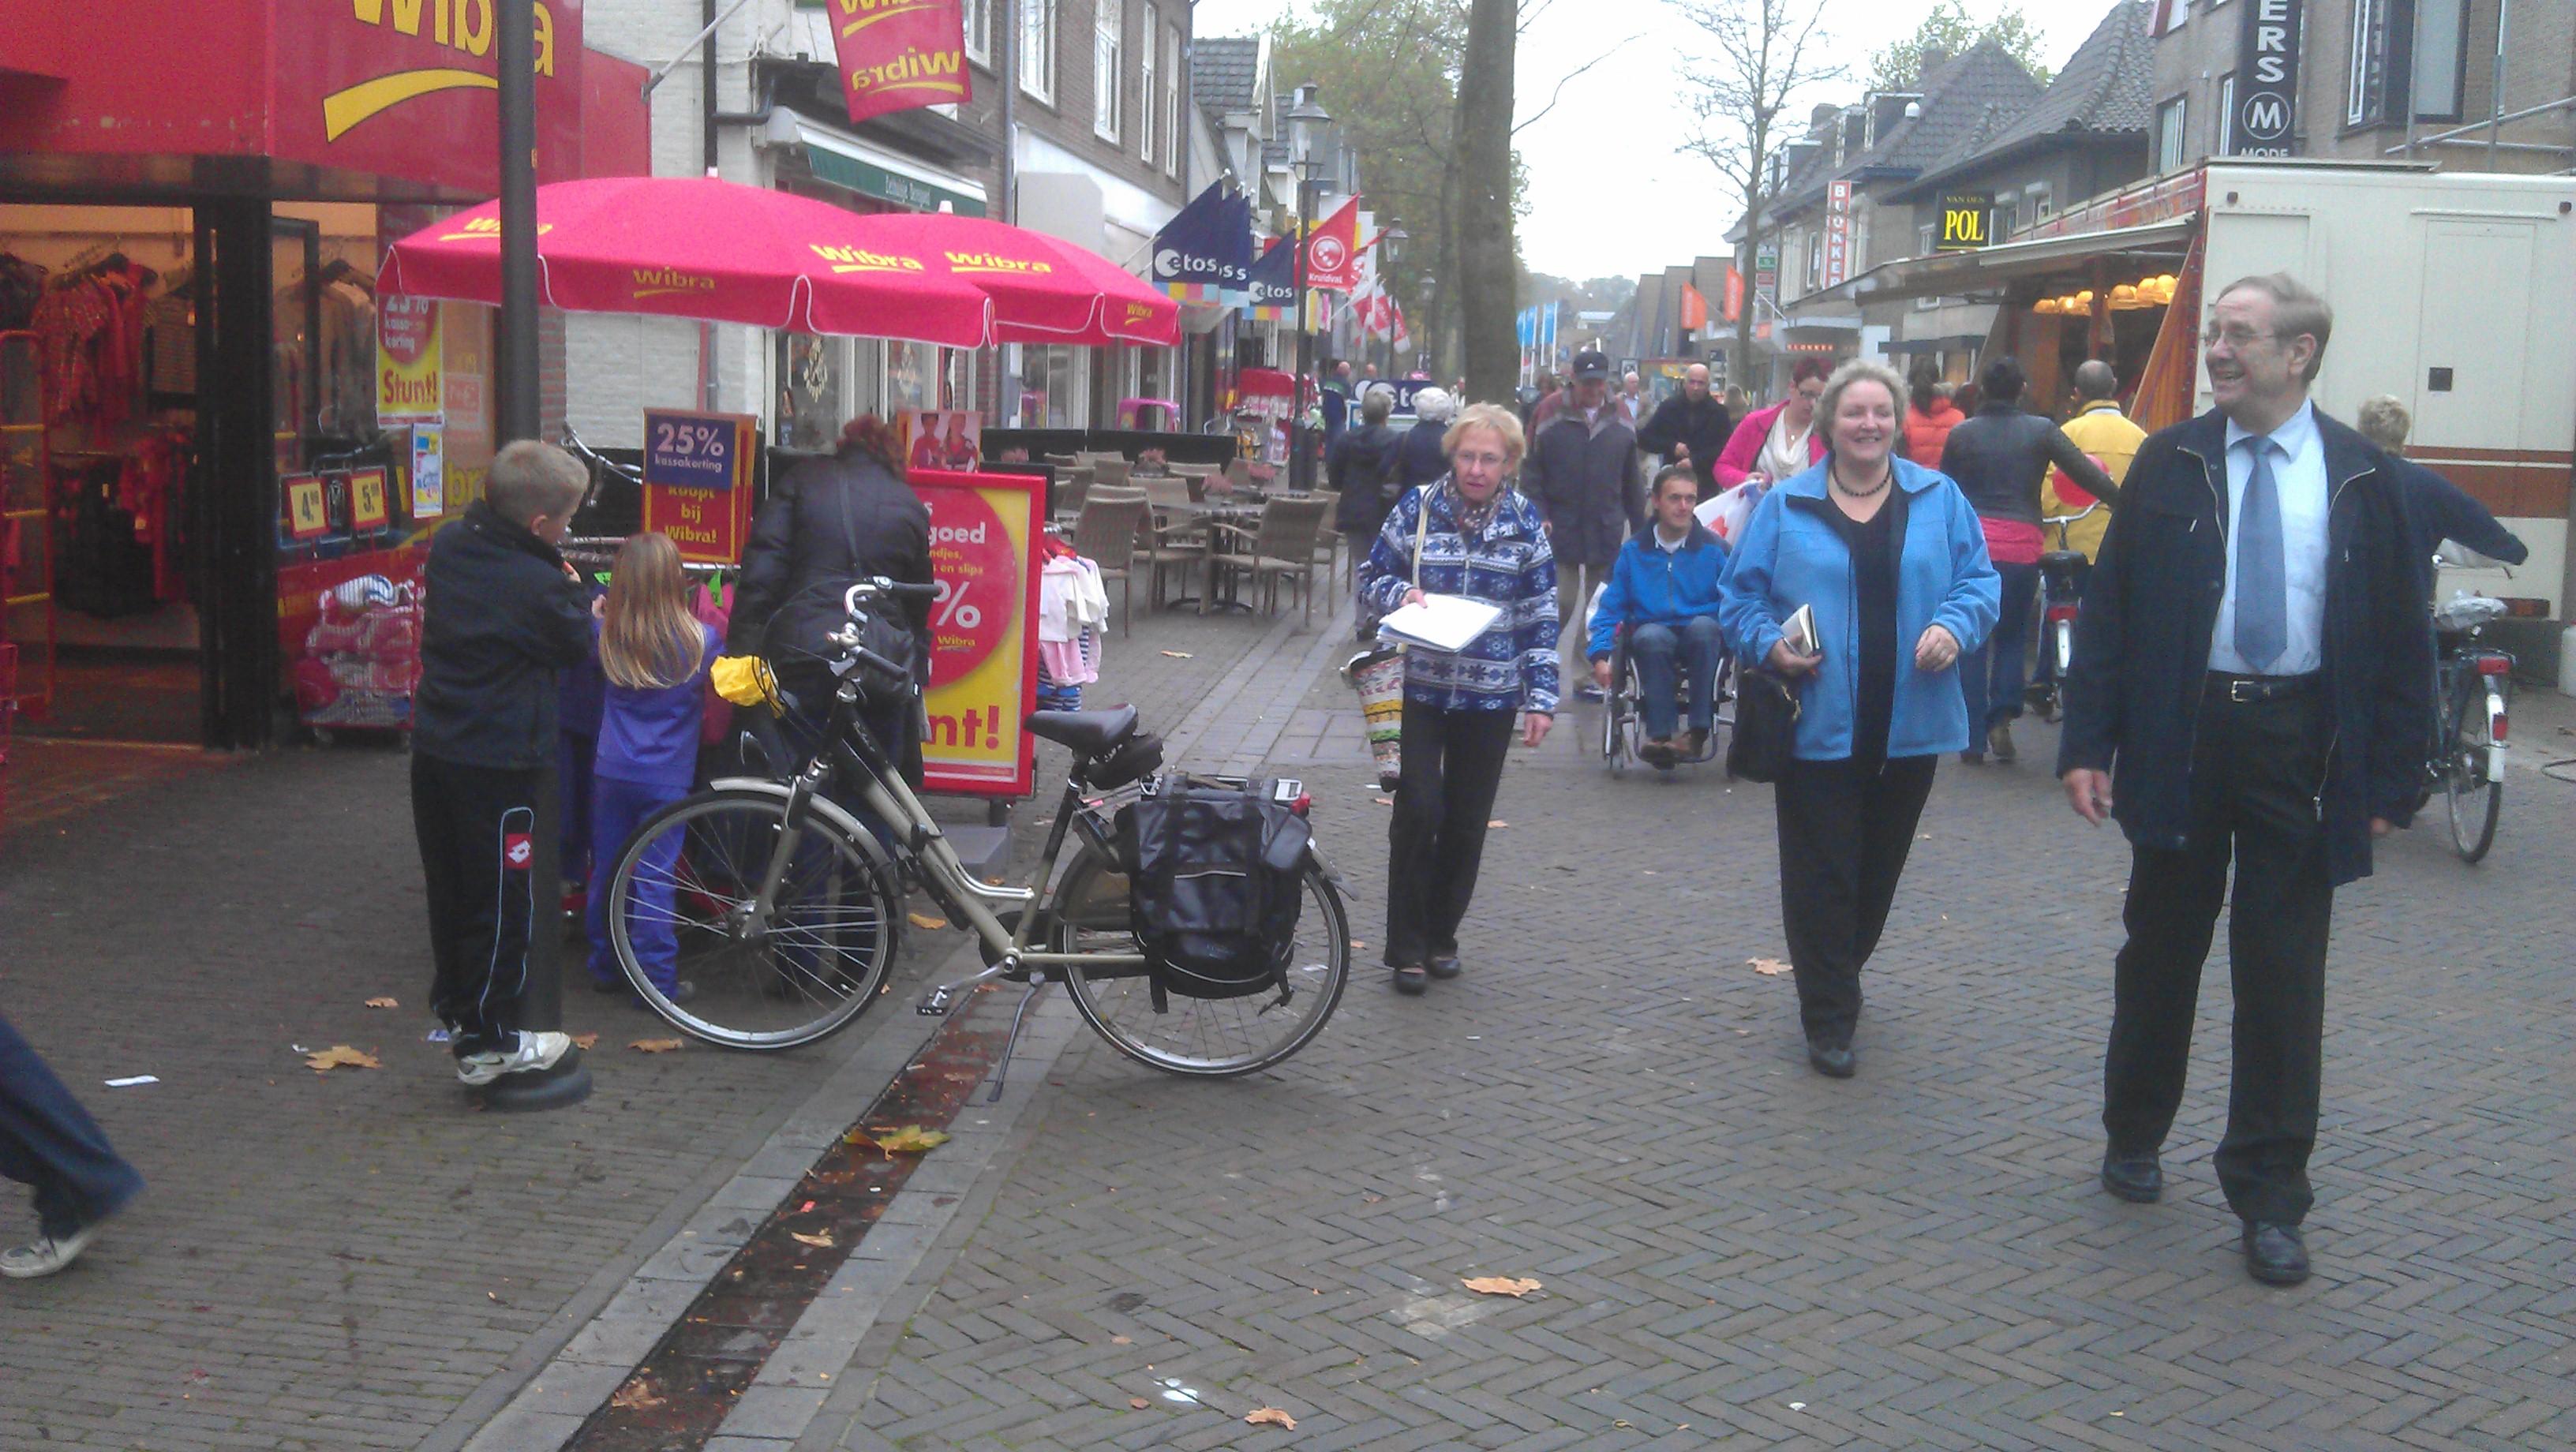 Afbeelding van een winkelstraat met geleidelijn en mensen die lopen te winkelen en een geparkeerde fiets op een geleidelijn.